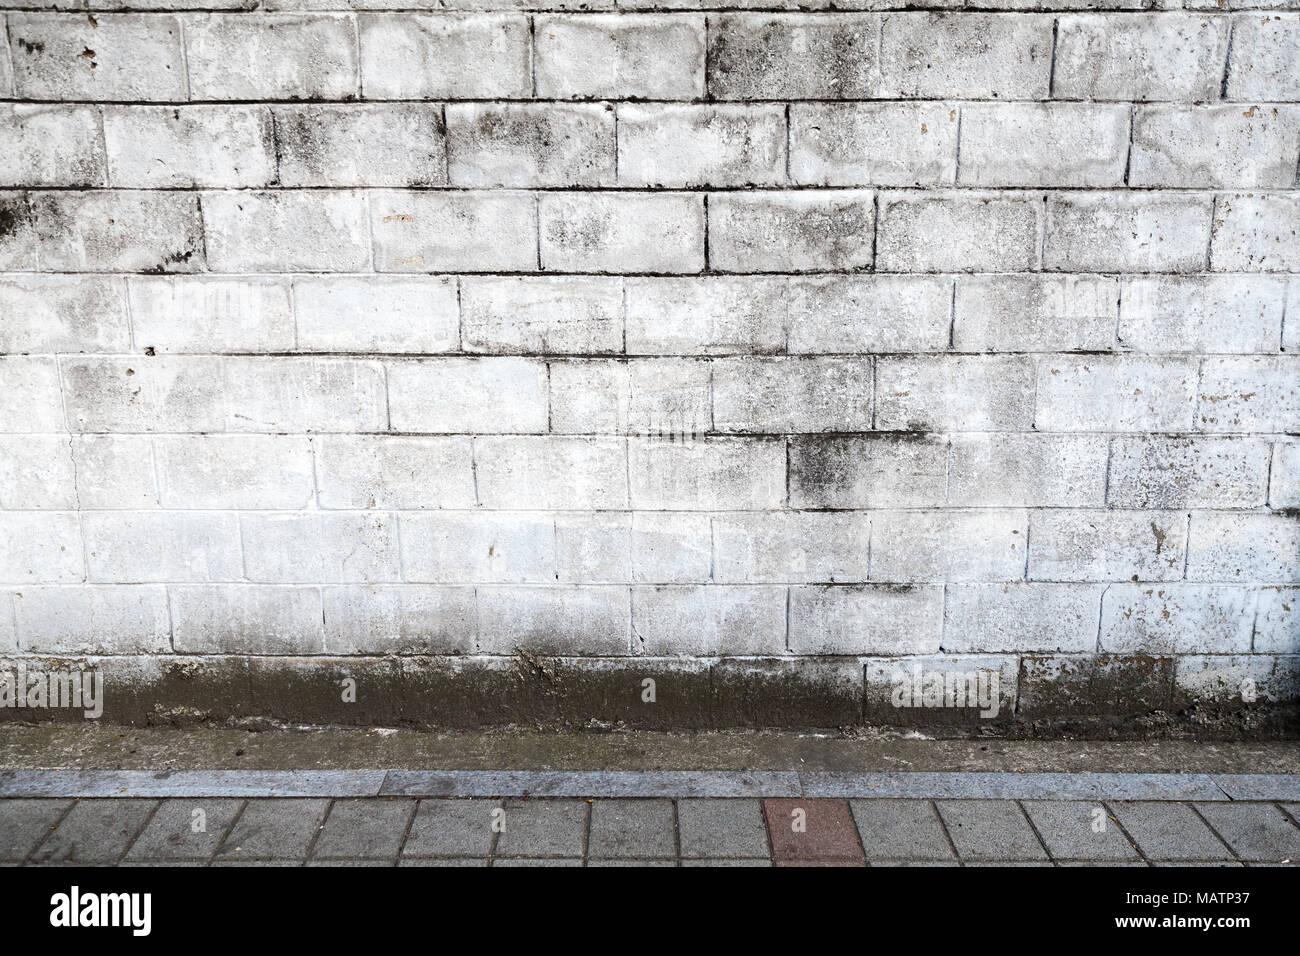 Leeren Stadtischen Innenraum Hintergrund Textur Weissen Stein Wand